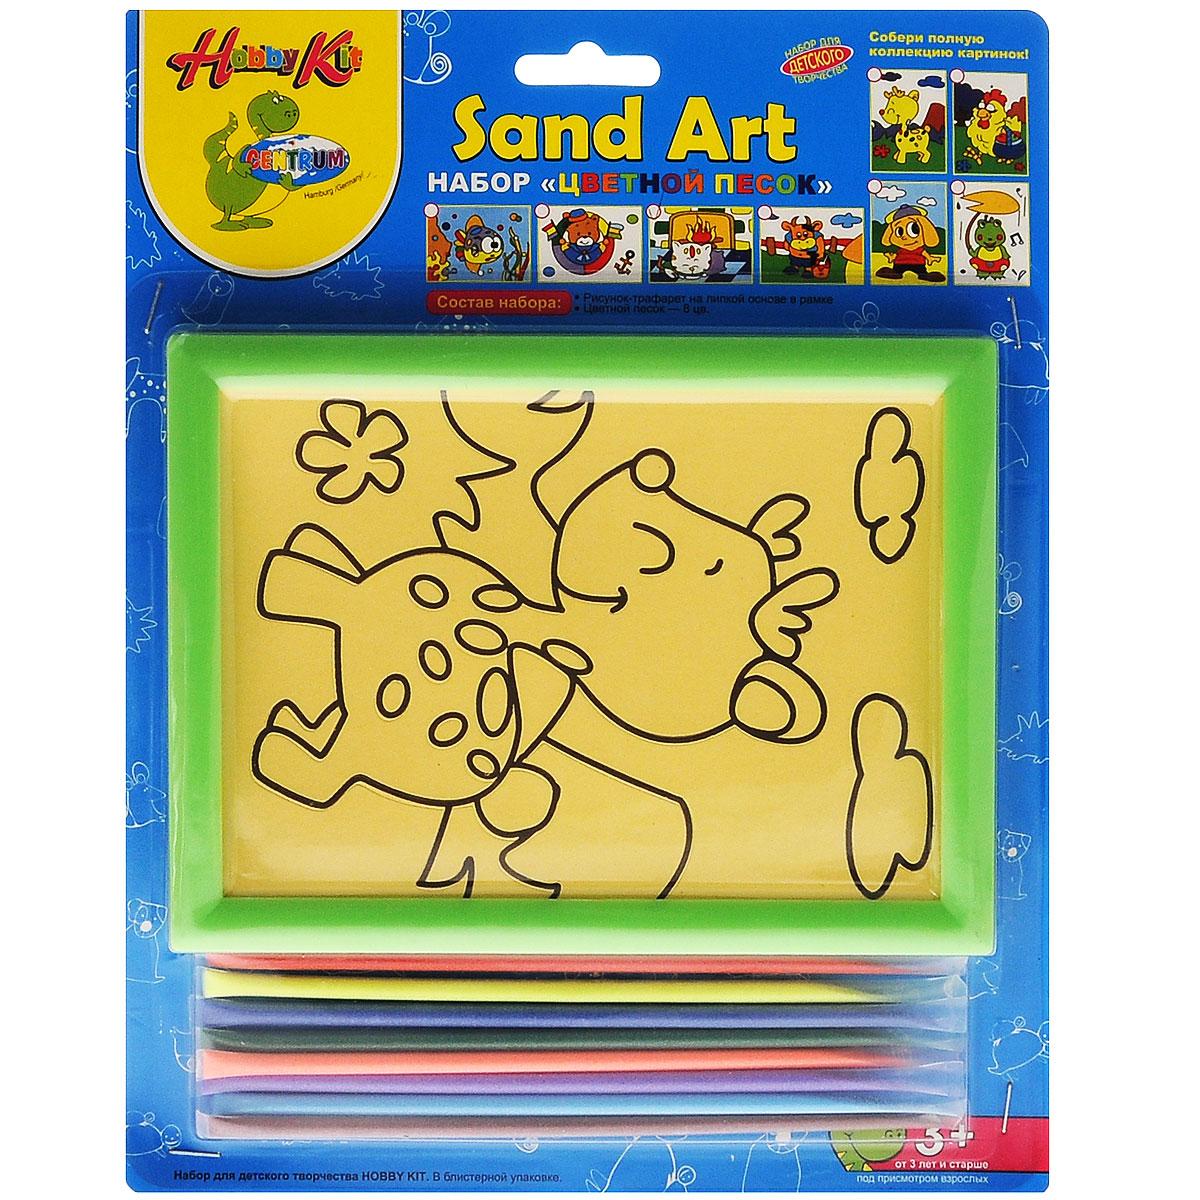 Centrum Набор для создания картины из цветного песка Жираф82457_жирафНабор для создания картины из цветного песка Centrum Жираф обязательно порадует вашего малыша. С его помощью ребенок сможет своими руками создать необычную картину из цветного песка с изображением забавного жирафа. В набор уже входит все необходимое для творчества: картинка-трафарет в пластиковой рамке и кварцевый песок 8 цветов (красный, желтый, синий, зеленый, оранжевый, фиолетовый, голубой, коричневый). Создать картину из цветного песка совсем несложно - на основу уже нанесен контур рисунка. Постепенно снимайте защитный слой с трафареты и засыпайте цветной песок нужного цвета на клейкую поверхность. Затем подождите, пока песок высохнет - и объемная картина из цветного песка готова! Готовую картину можно оформить входящей в комплект рамкой. Простой и увлекательный процесс создания картины подарит вашему малышу массу удовольствия, и поможет развить мелкую моторику рук, аккуратность, творческое мышление и художественный вкус. Готовая картина из цветного песка станет...